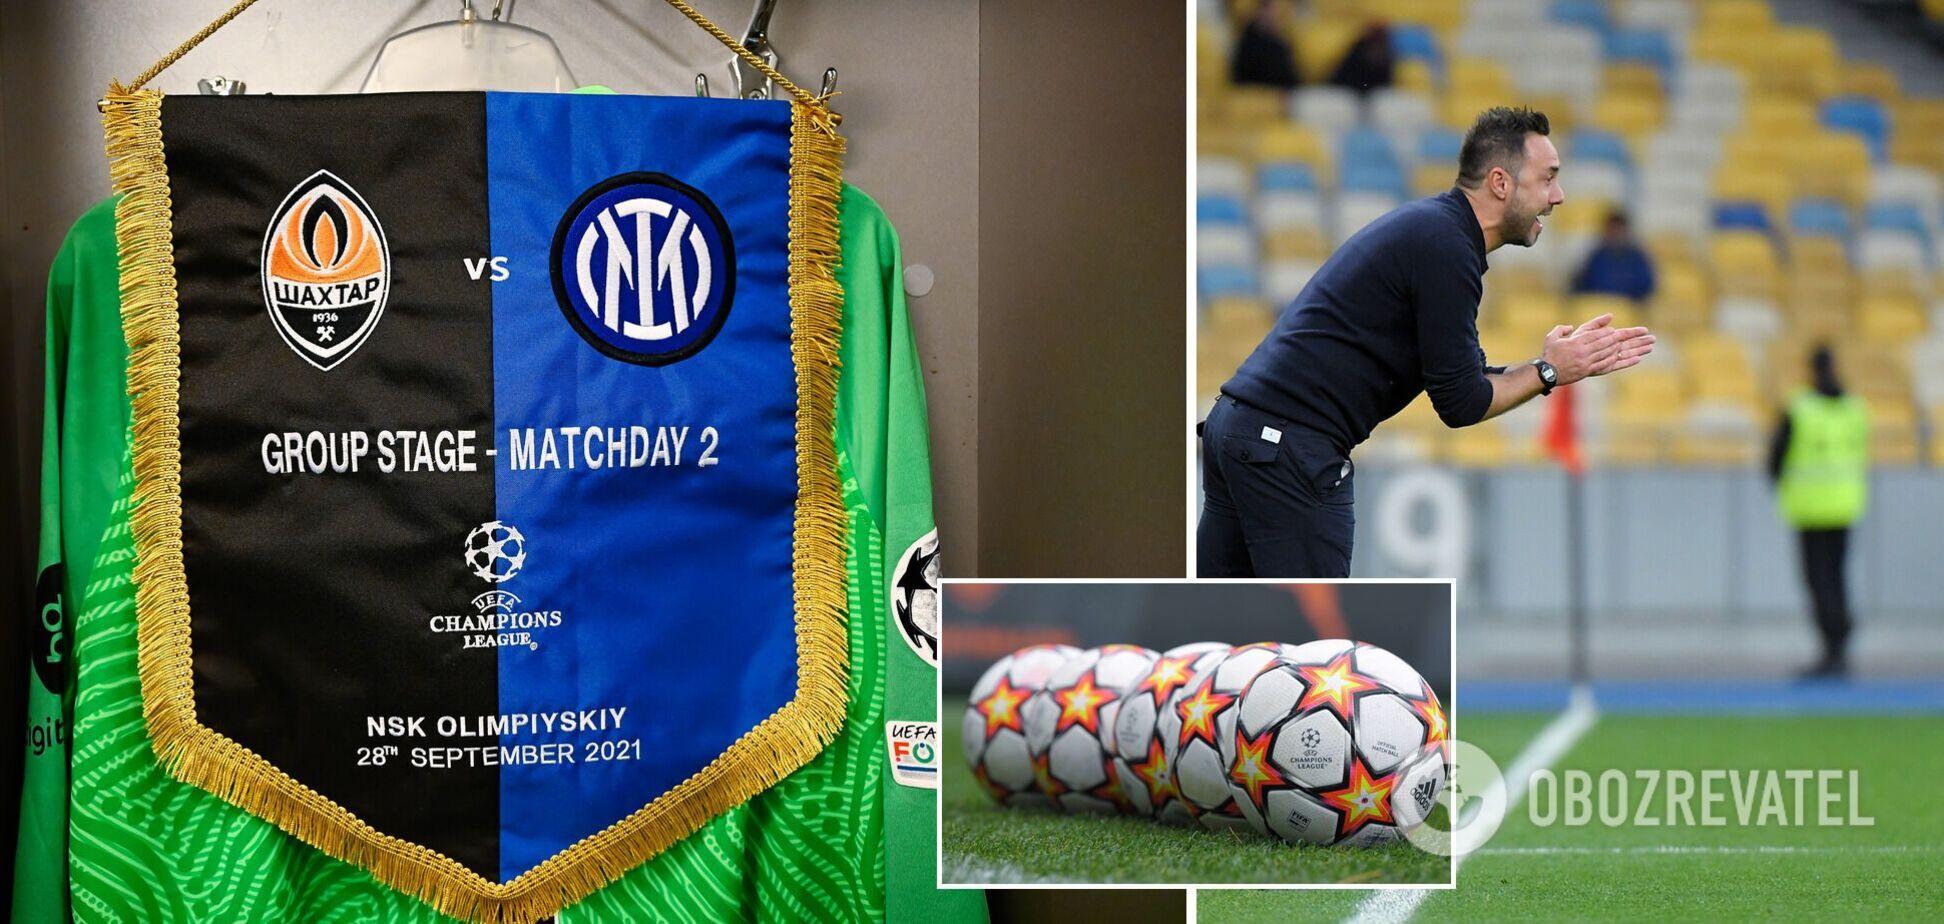 Серьезная потеря украинцев! 'Шахтер' – 'Интер' – 0-0: онлайн-трансляция матча Лиги чемпионов